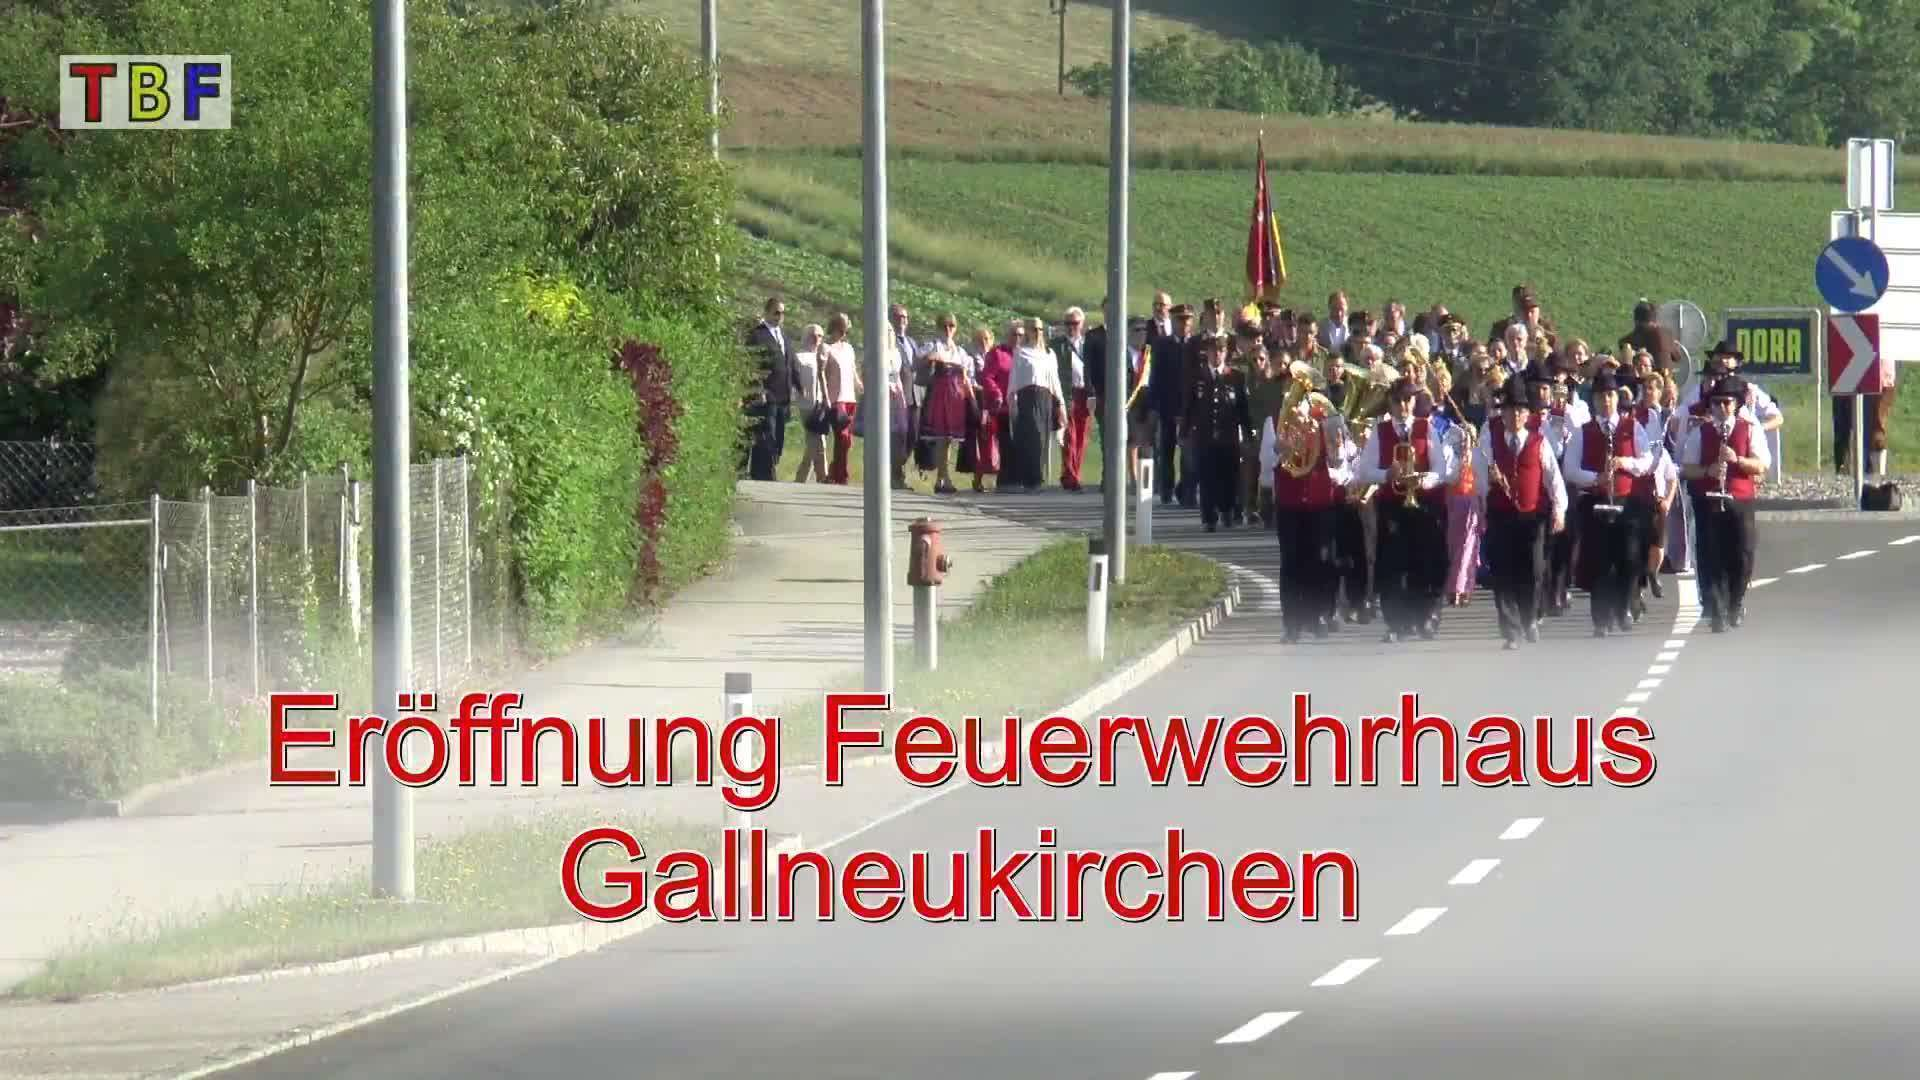 Eröffnung Feuerwehrhaus in Gallneukirchen